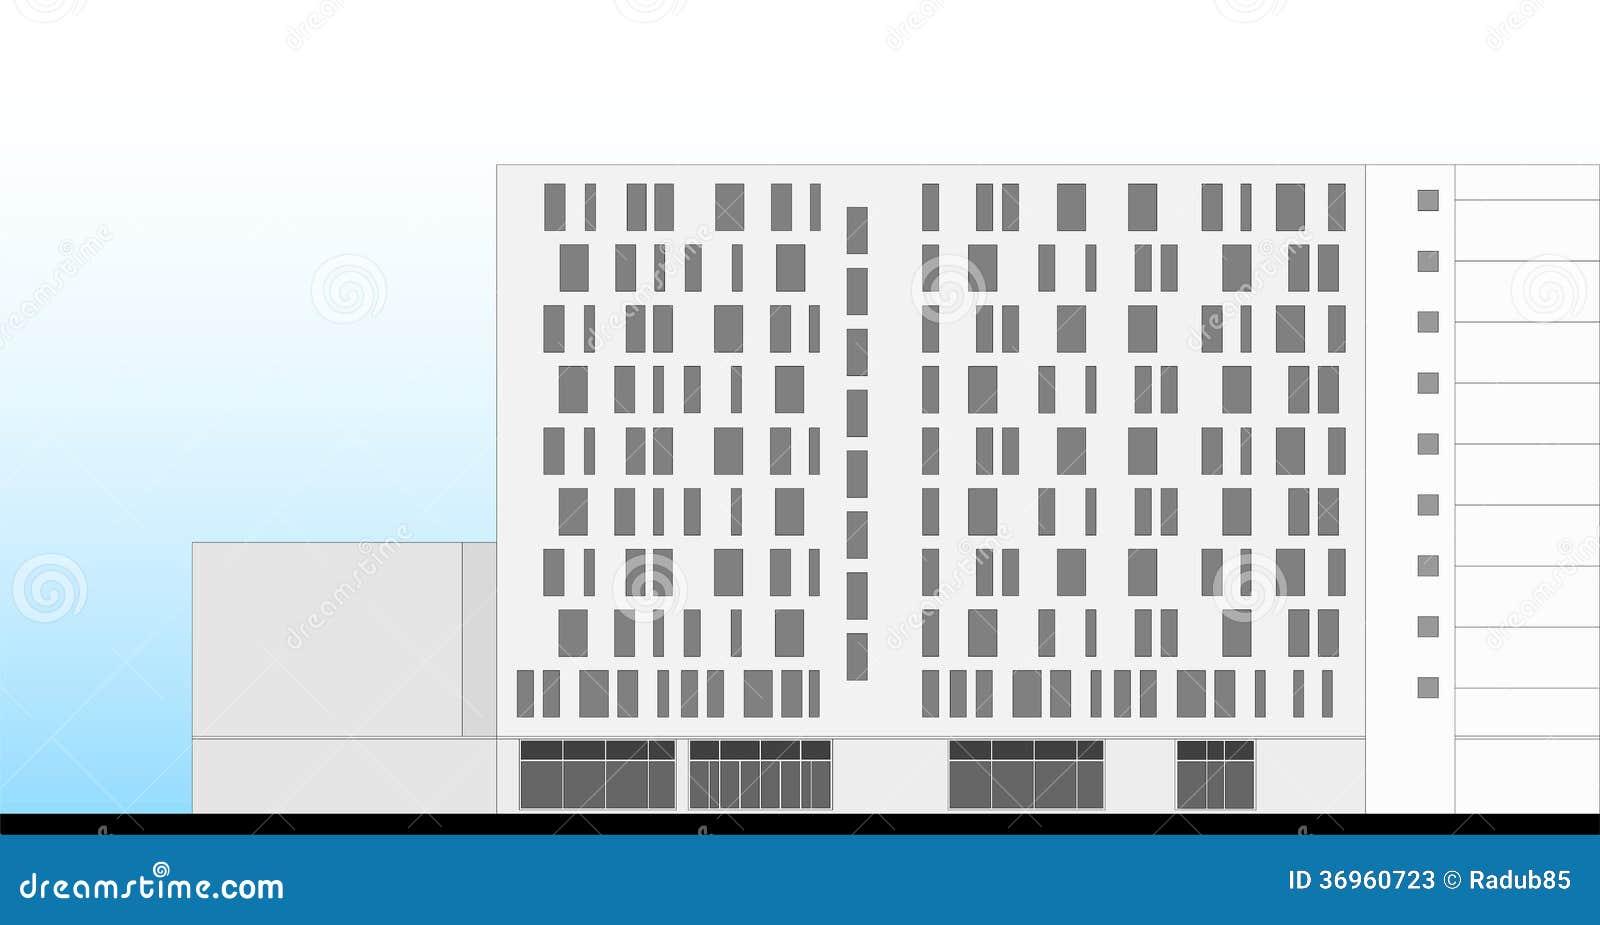 Hotel Building Facade Architectural Plan Stock Photos Image